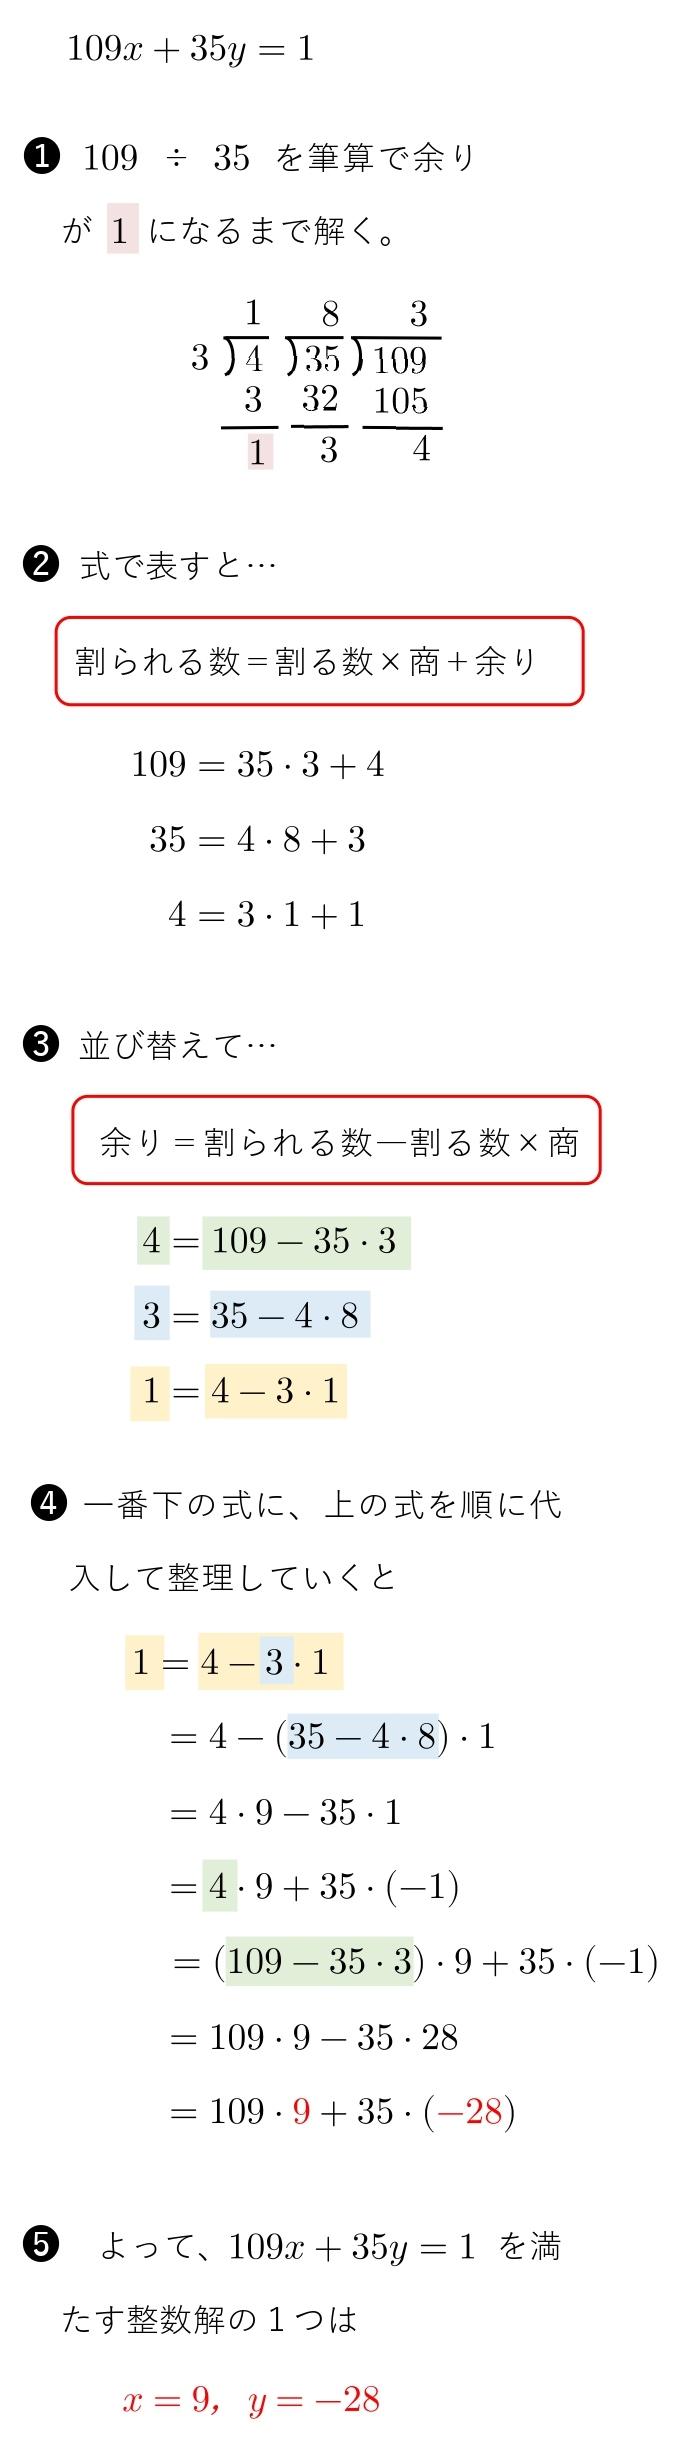 不定方程式 整数解 出し方 ユークリッドの互除法 やり方